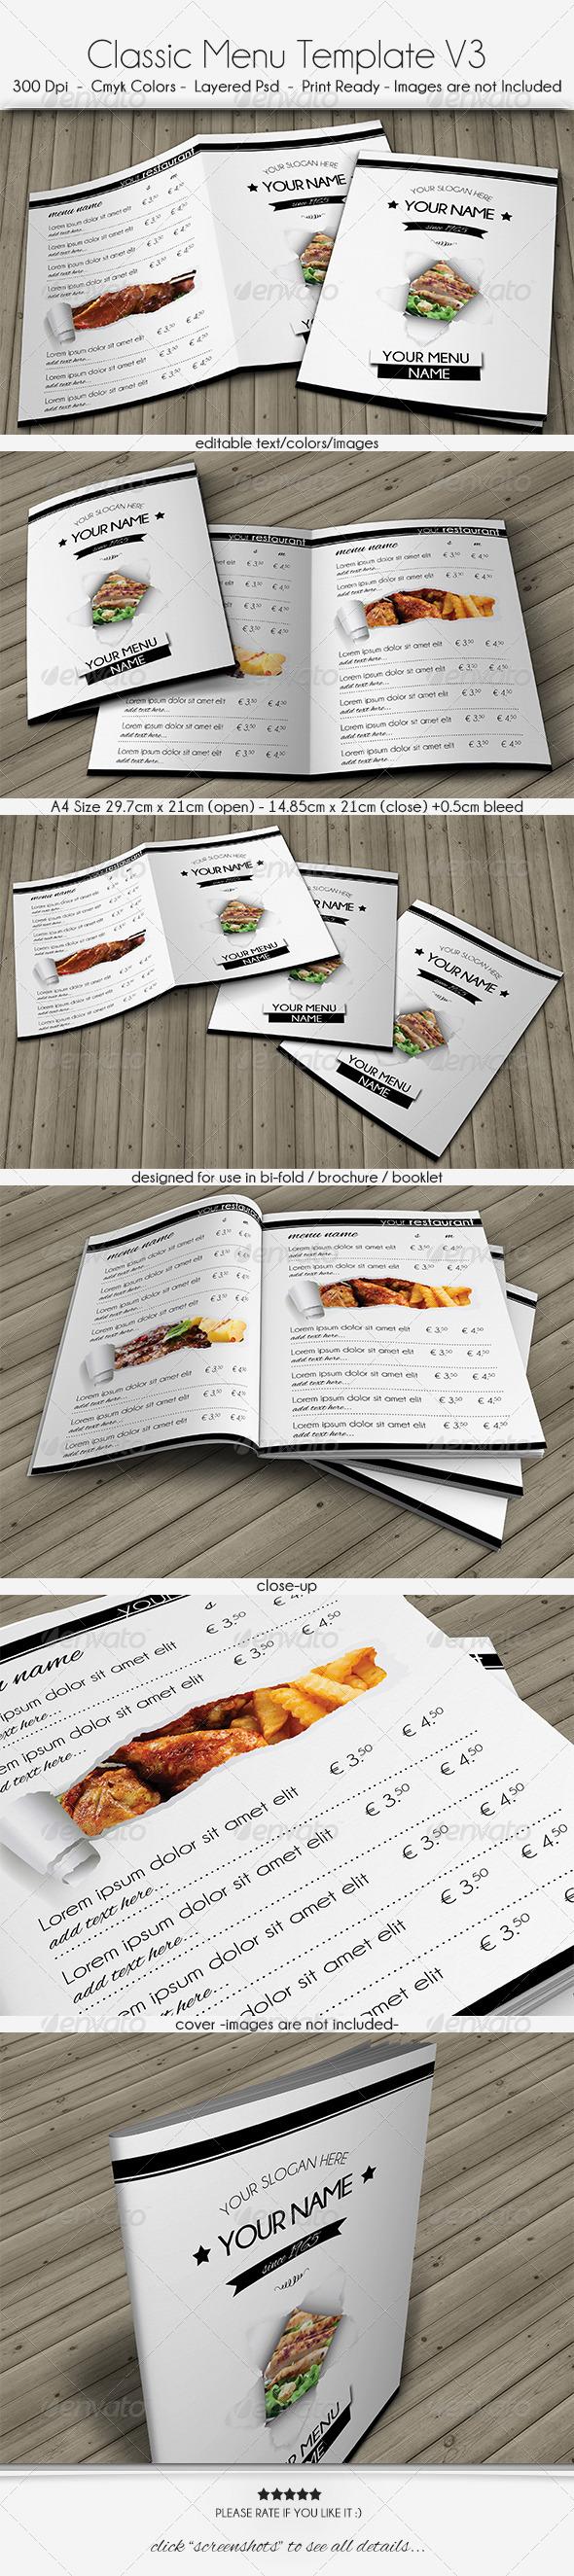 GraphicRiver Classic Menu Template V3 6060120